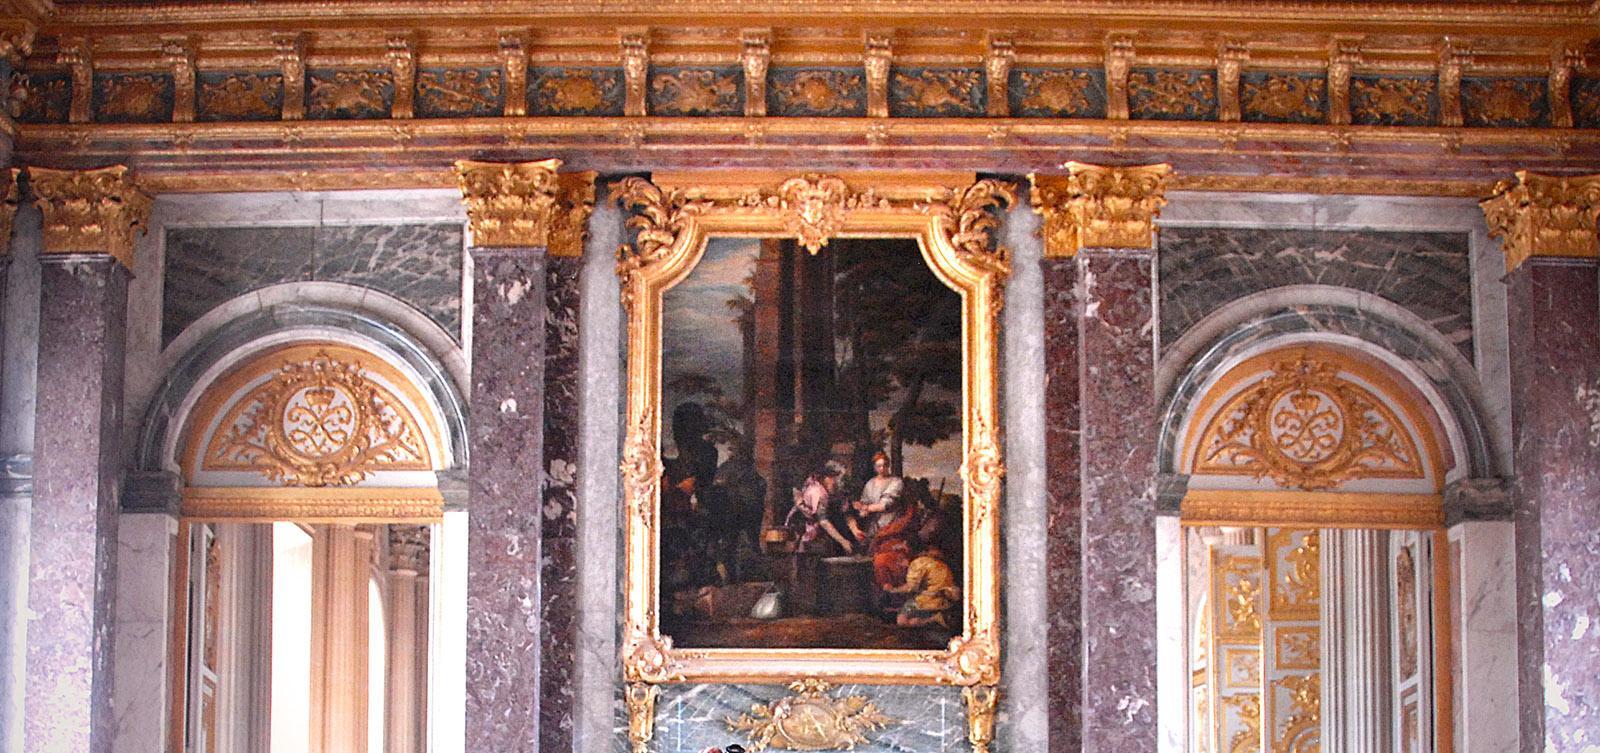 Schloss Versailles: der Marmor - nicht aus Stein, sondern gemalt. Foto: Hilke Maunder